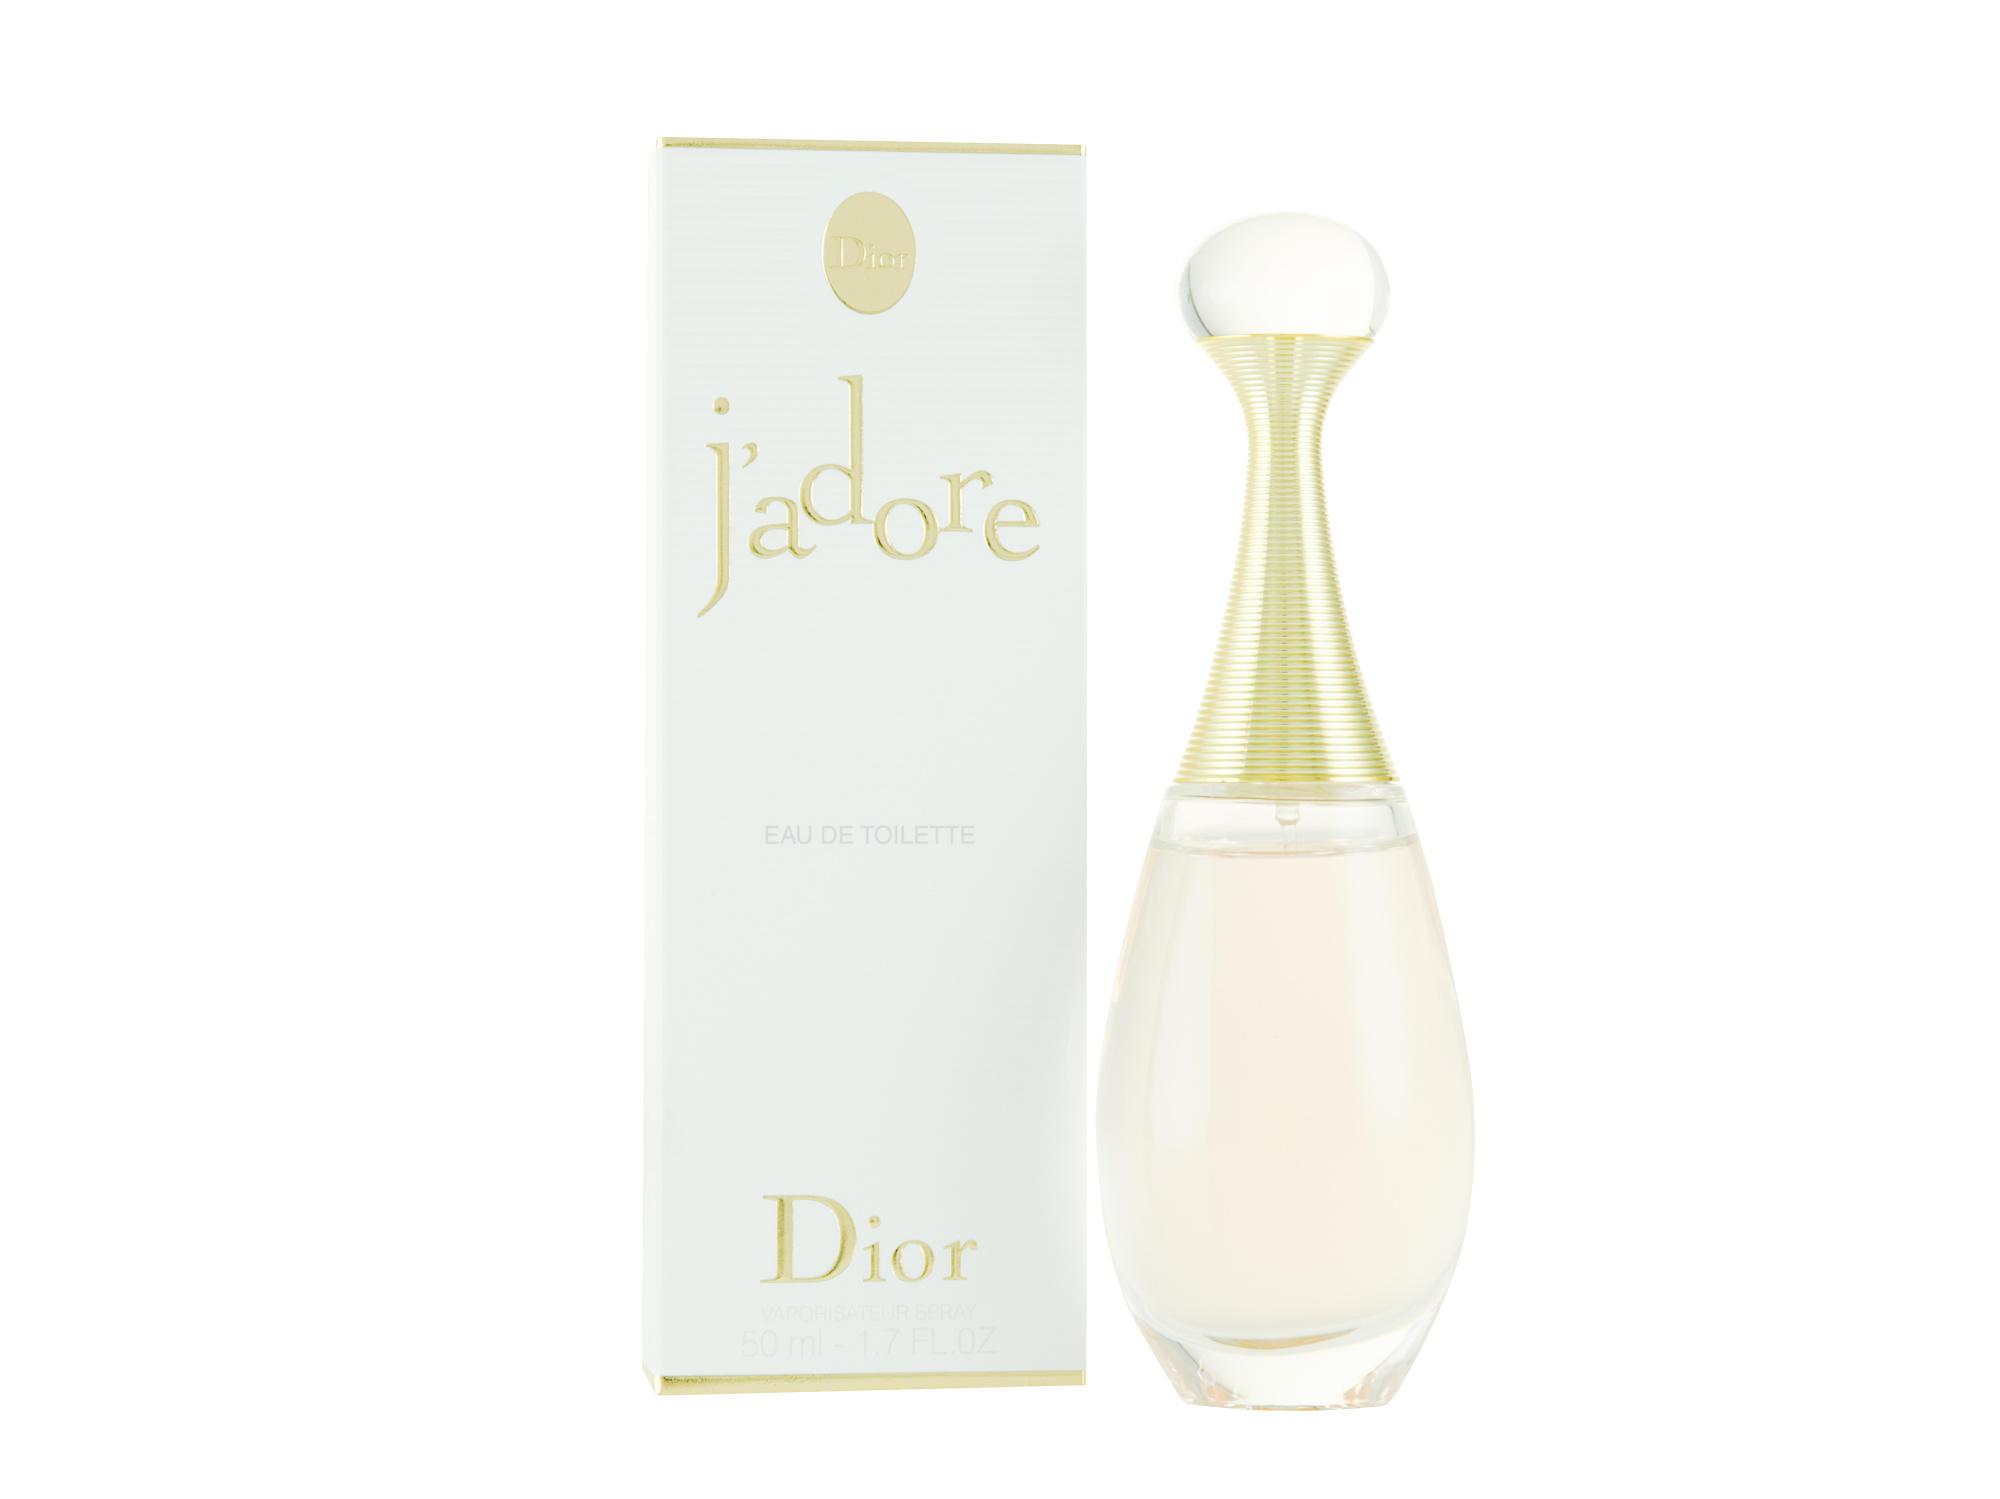 Dior JAdore Eau De Toilette Spray